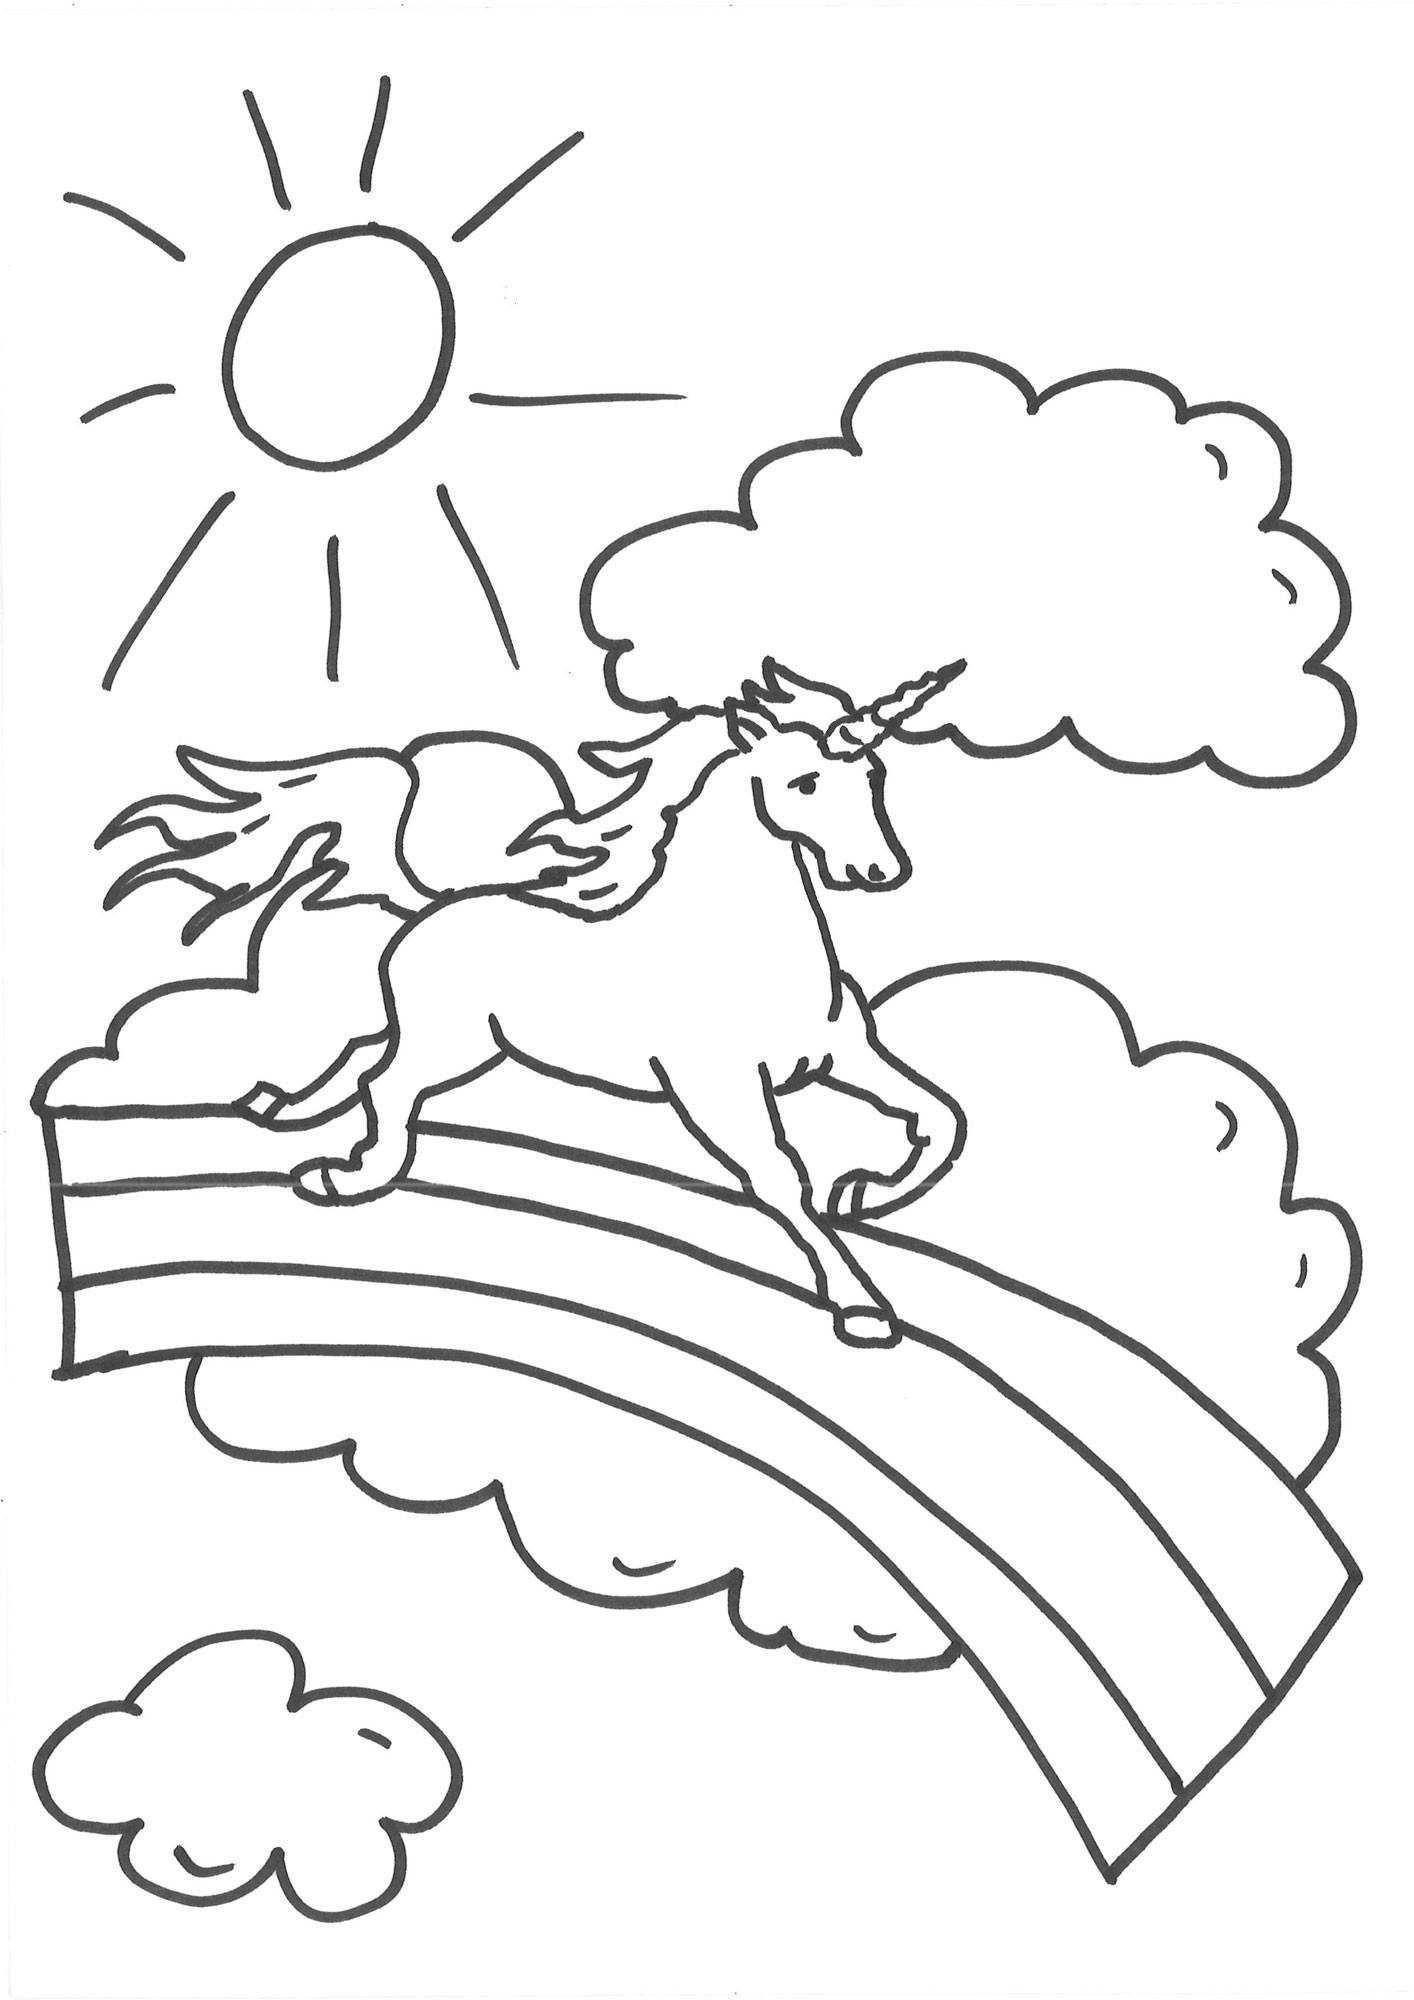 Ausmalbilder Einhorn Mit Fee - 1Ausmalbilder in Ausmalbilder Einhorn